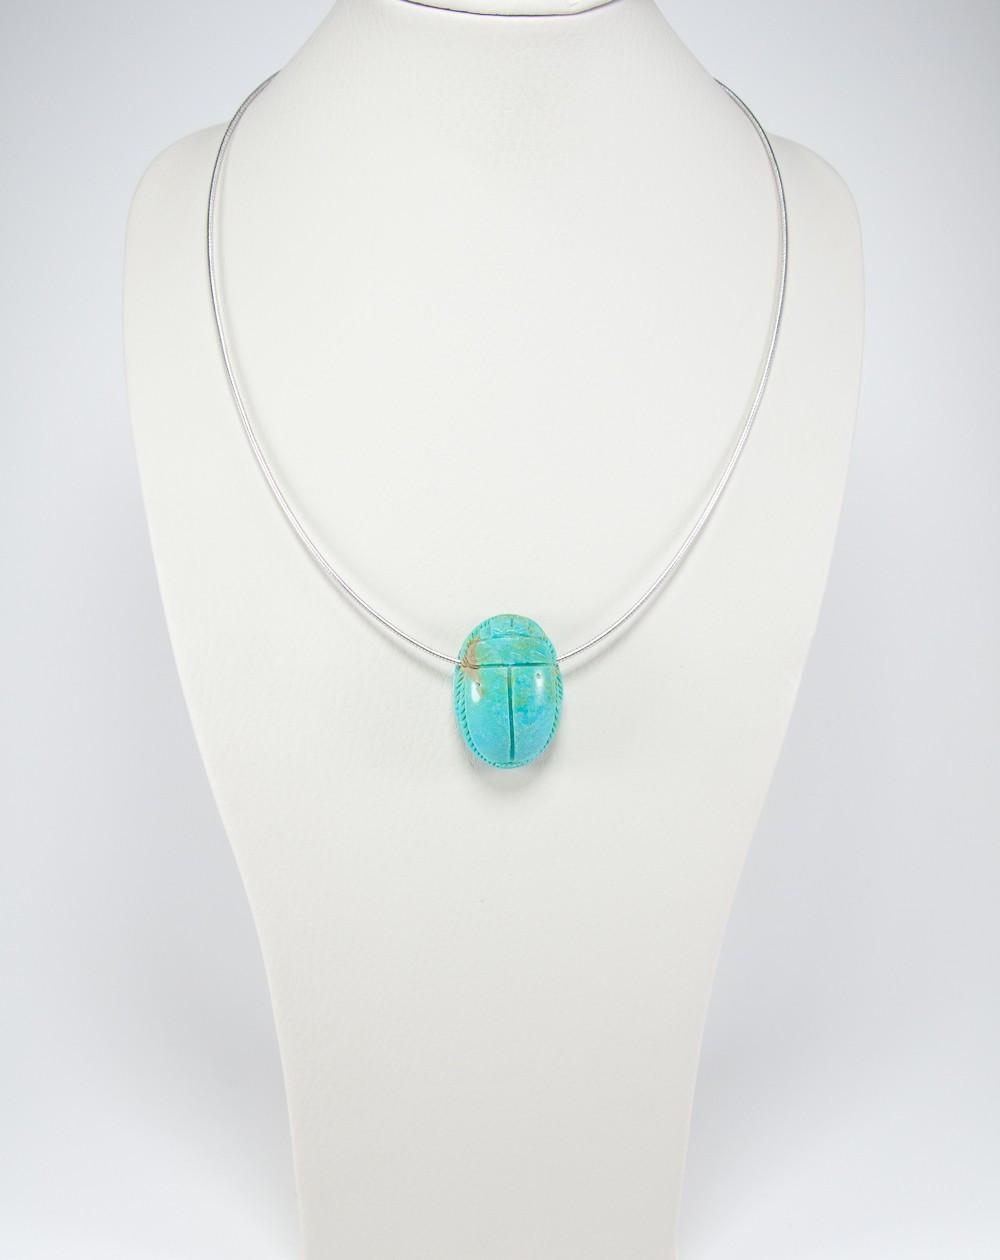 Pendentif Scarabée en Turquoise d'Arizona, Sanuk création. Créateurs Français